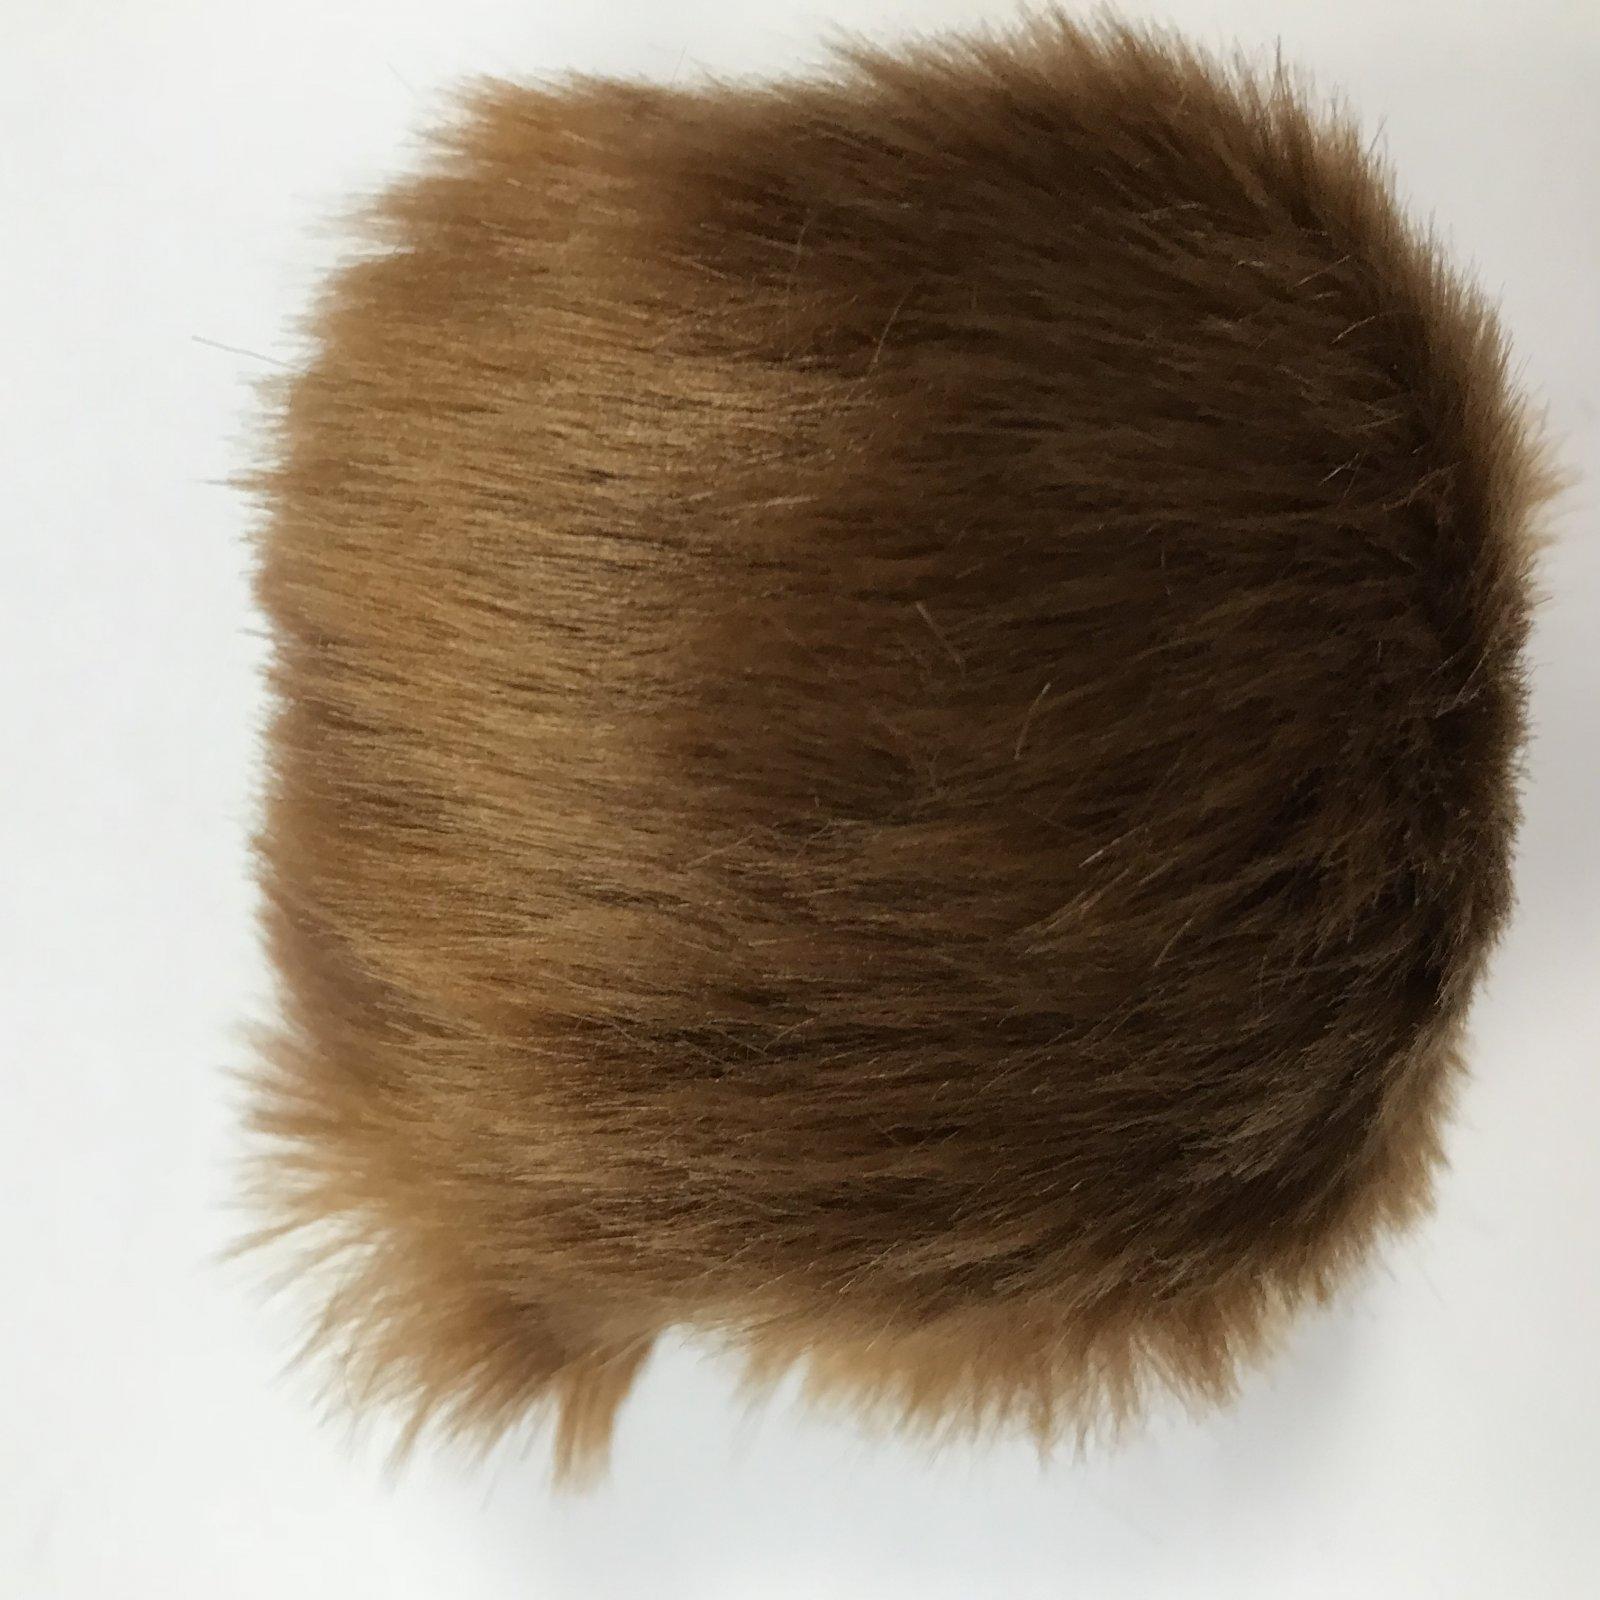 Faux Fur Poms 9 cm - Copper